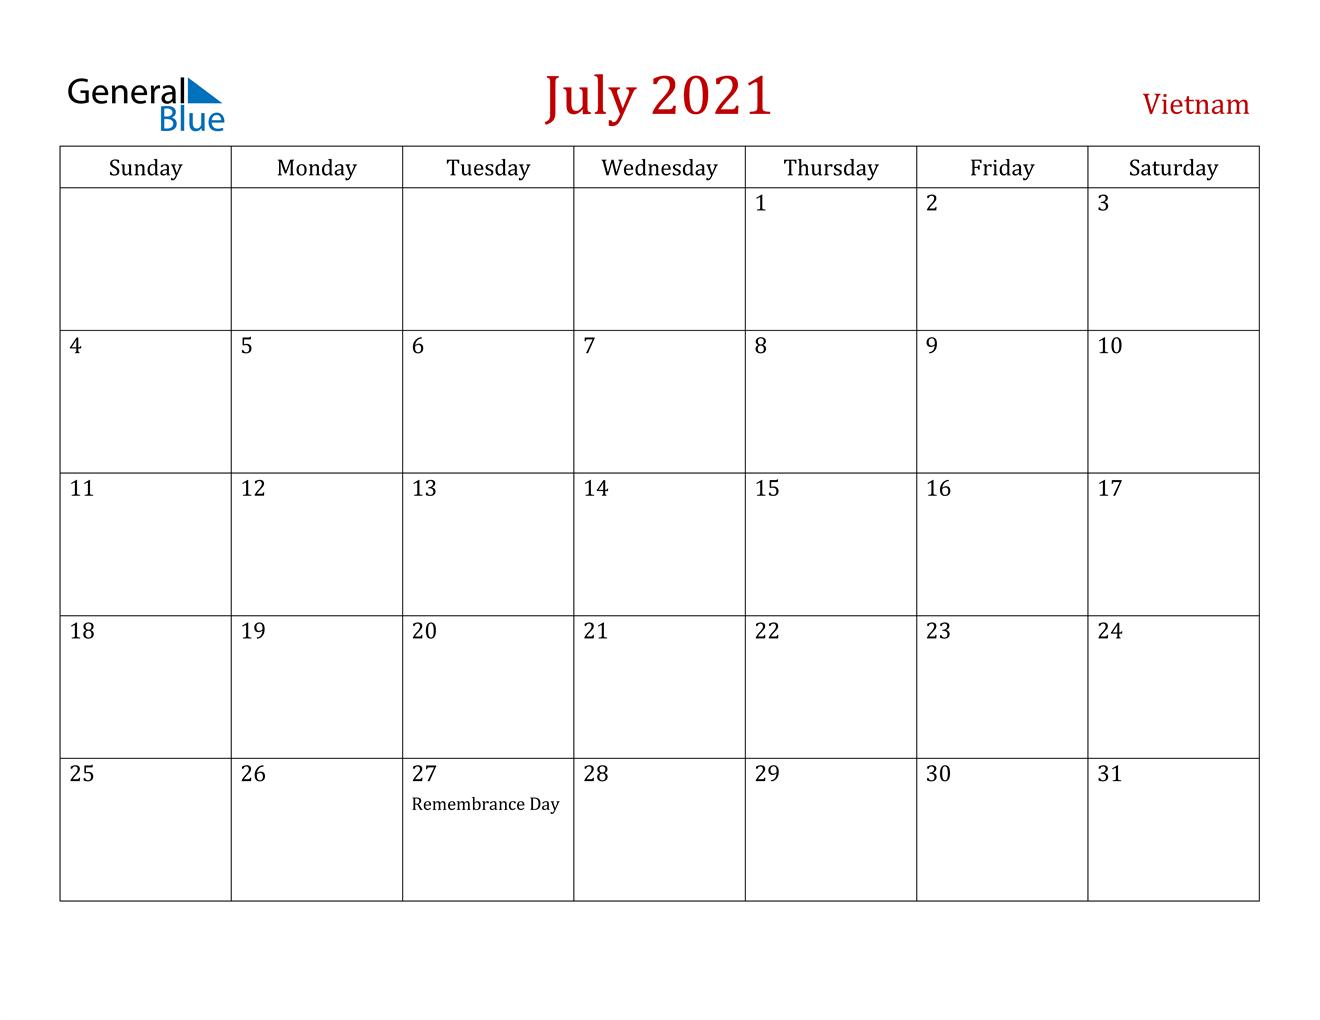 July 2021 Calendar - Vietnam